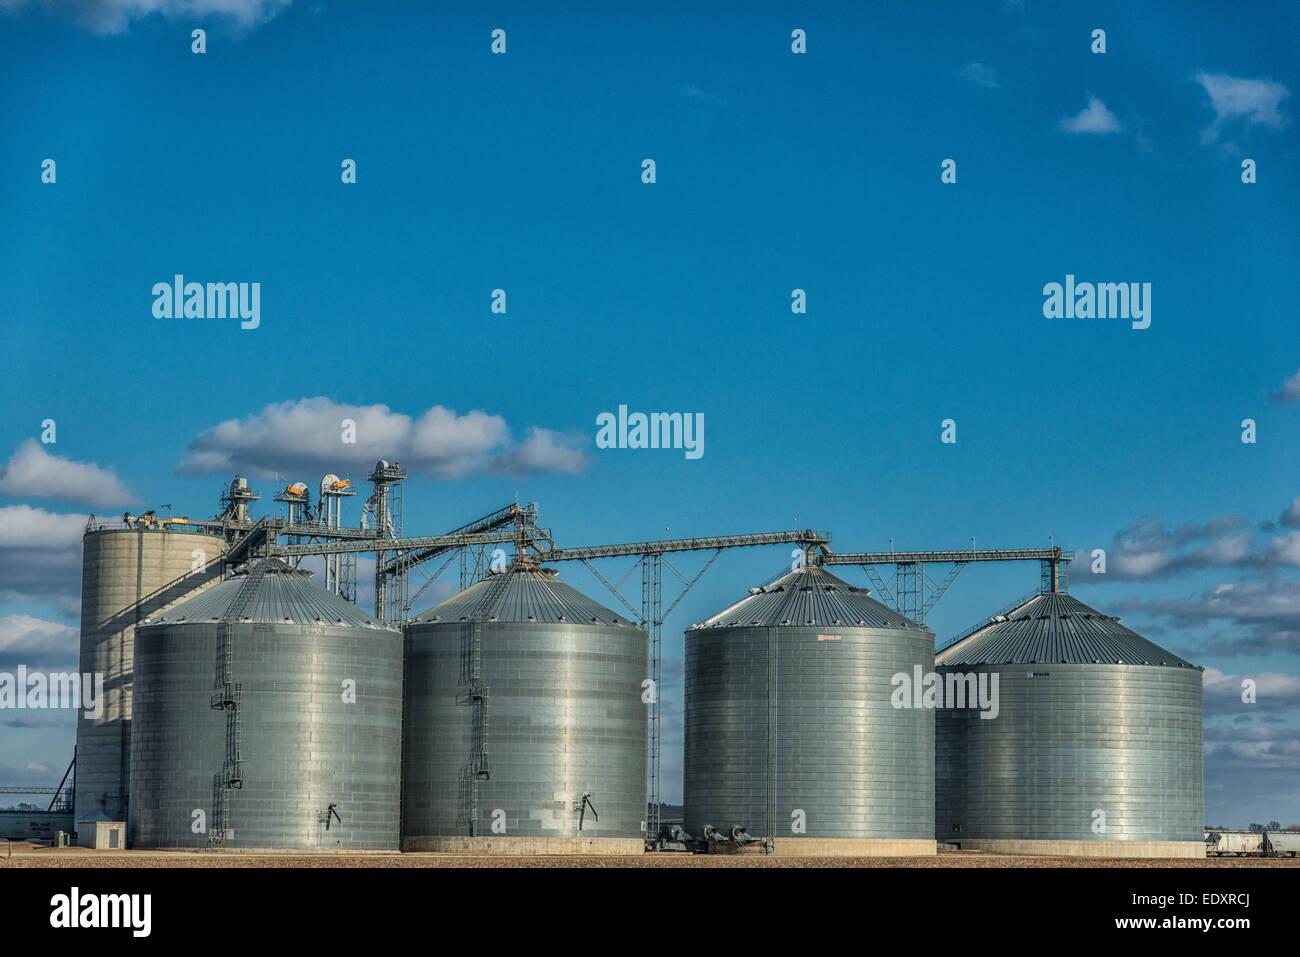 Grain storage bins in central Illinois farm region. - Stock Image